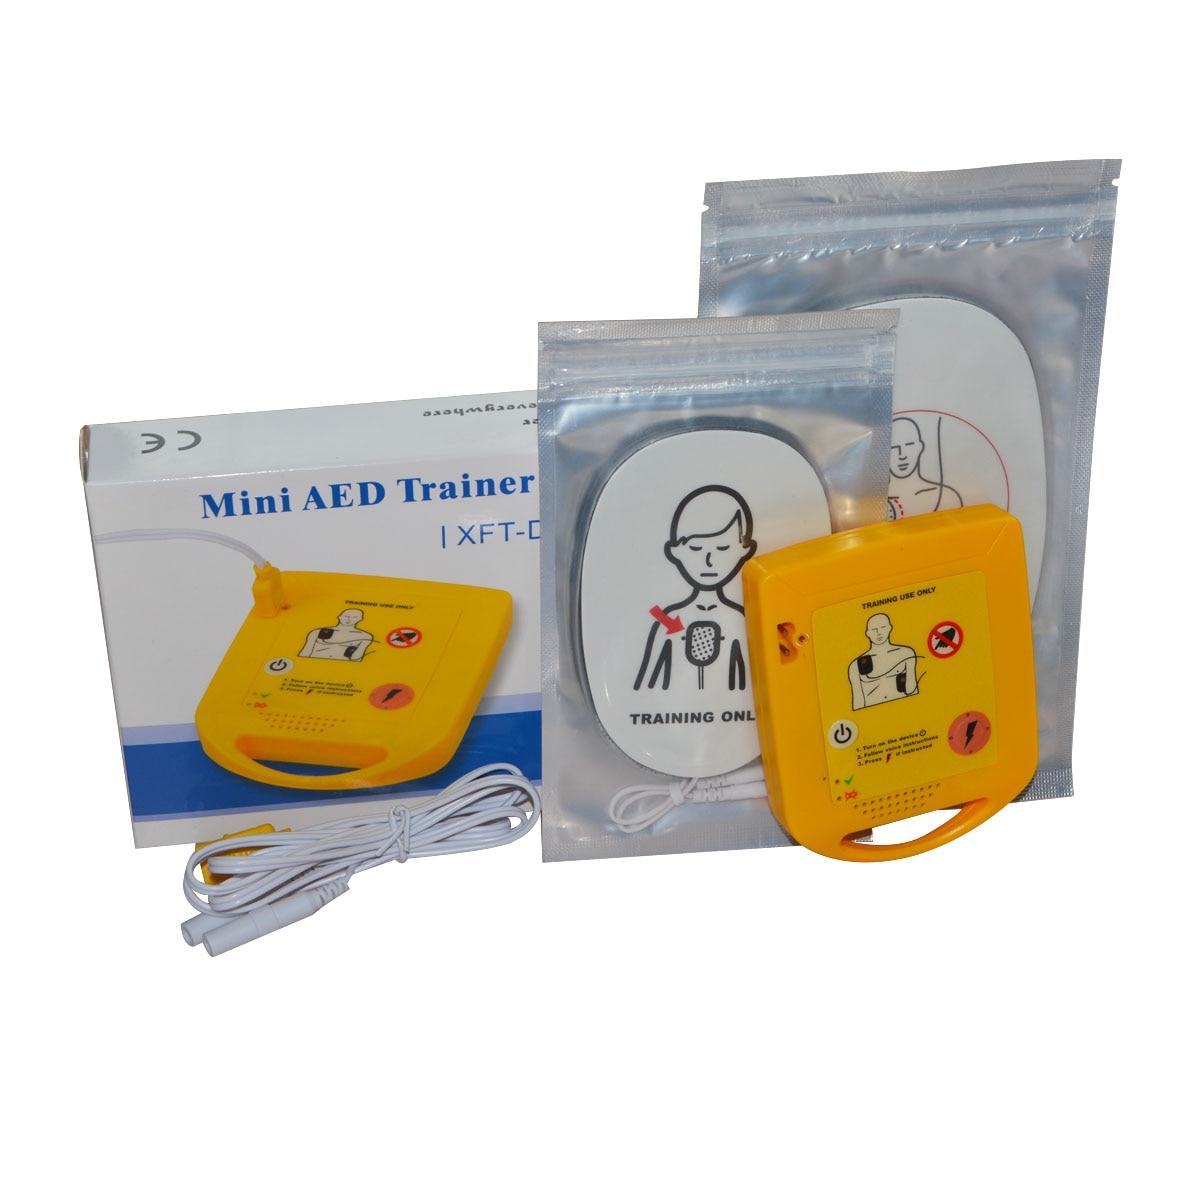 AED Trainer Mini défibrillateur externe automatique XFT trousse de formation aux premiers soins Machine de formation en espagnol + 1 écran facial rcr-in Trousses De Toilette from Beauté & Santé    1